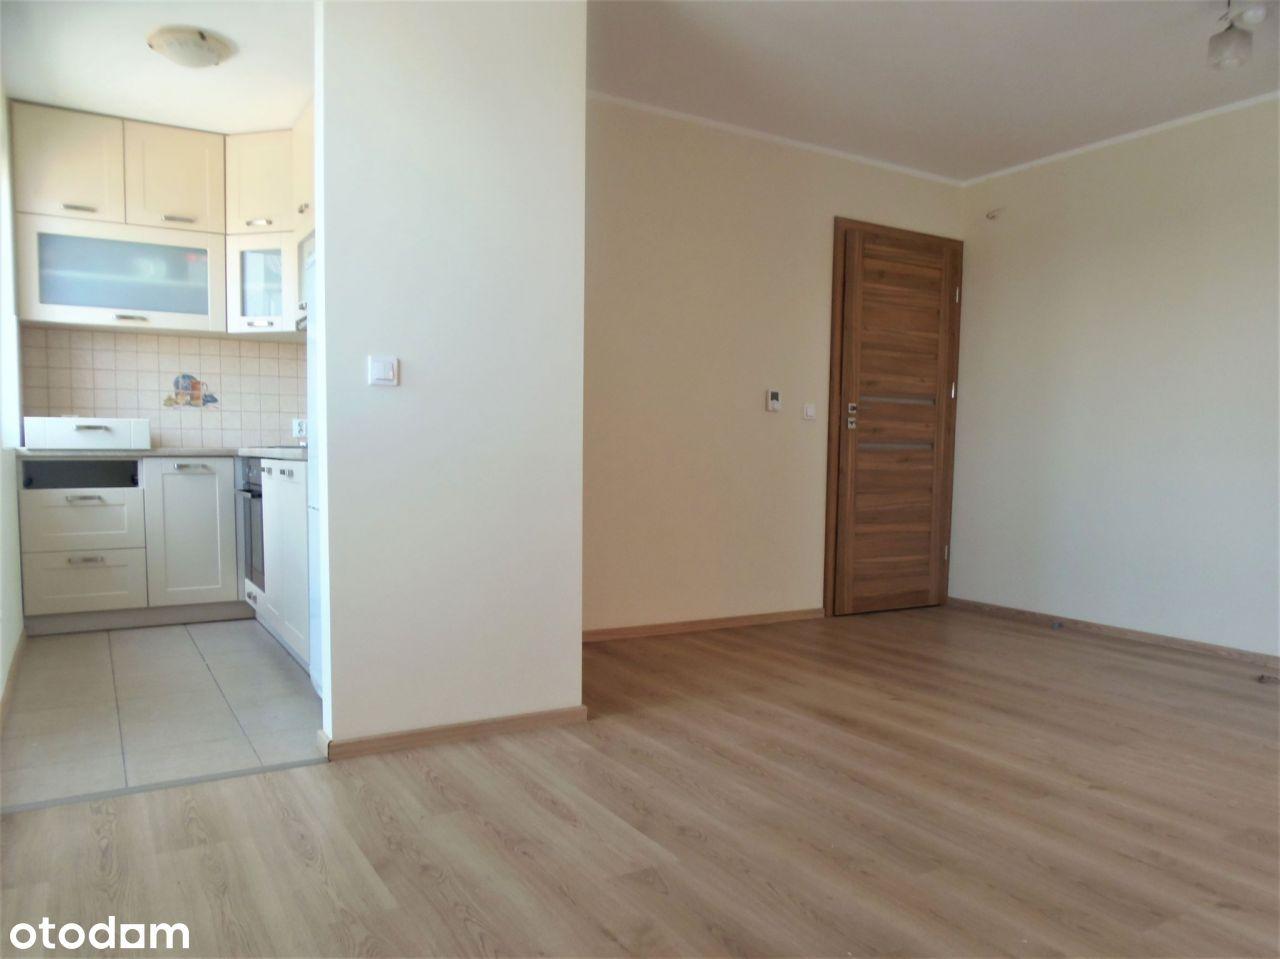 Bardzo ładne mieszkanie - możliwość zakupu garażu